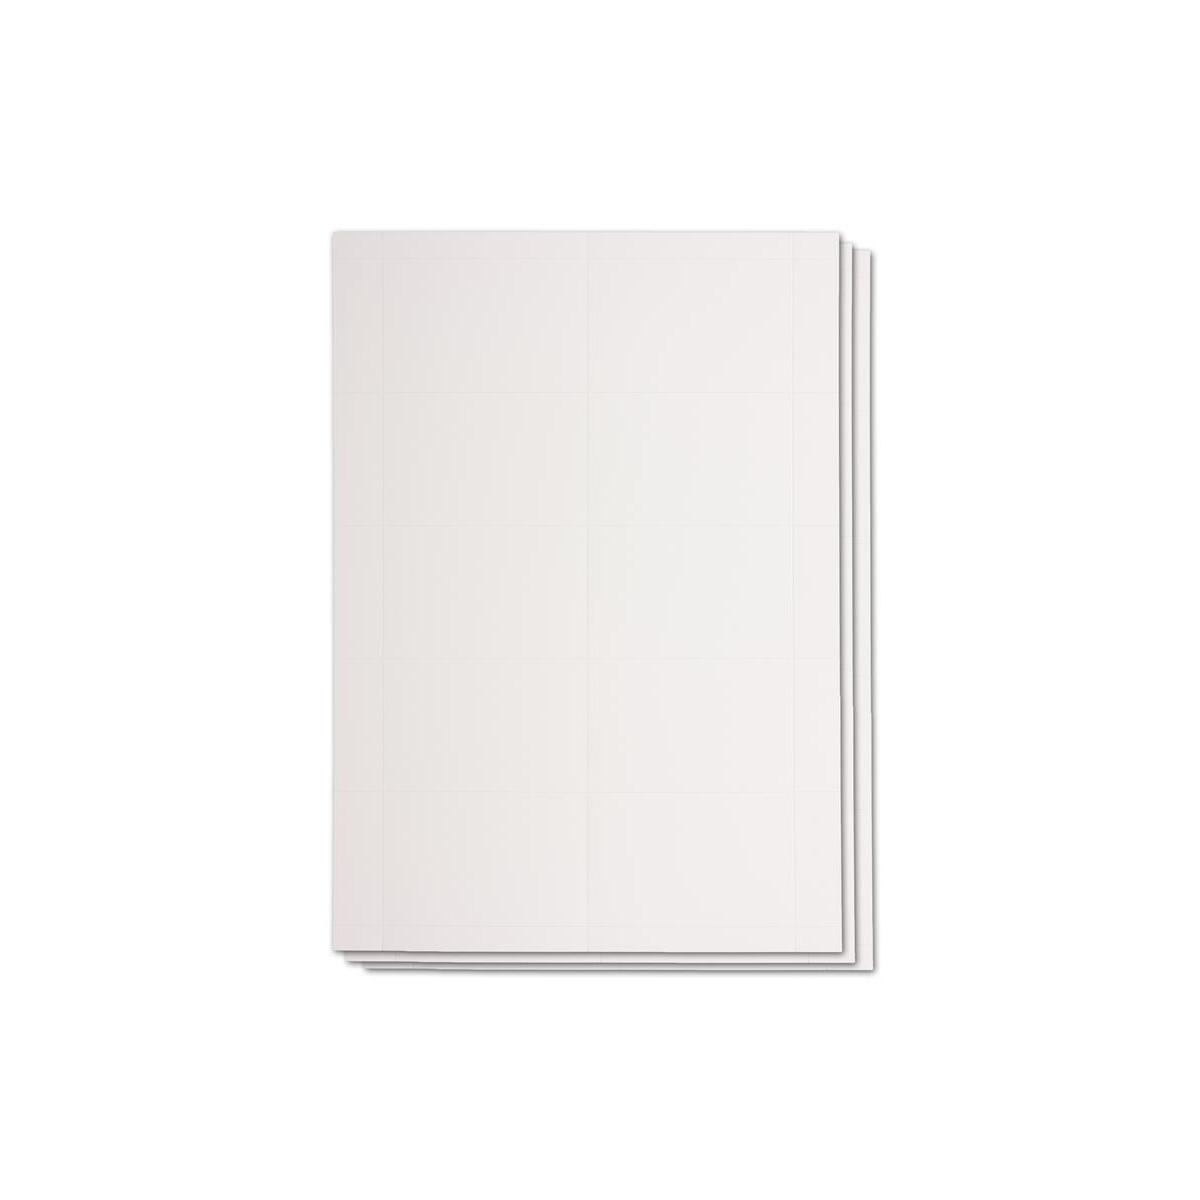 50x Din A7 Karten Mit Mikroperforation 55 X 85 Mm Hochweiss 240 G M Beidseitig Bedruckbar Für Visitenkarten Flaschenkarten